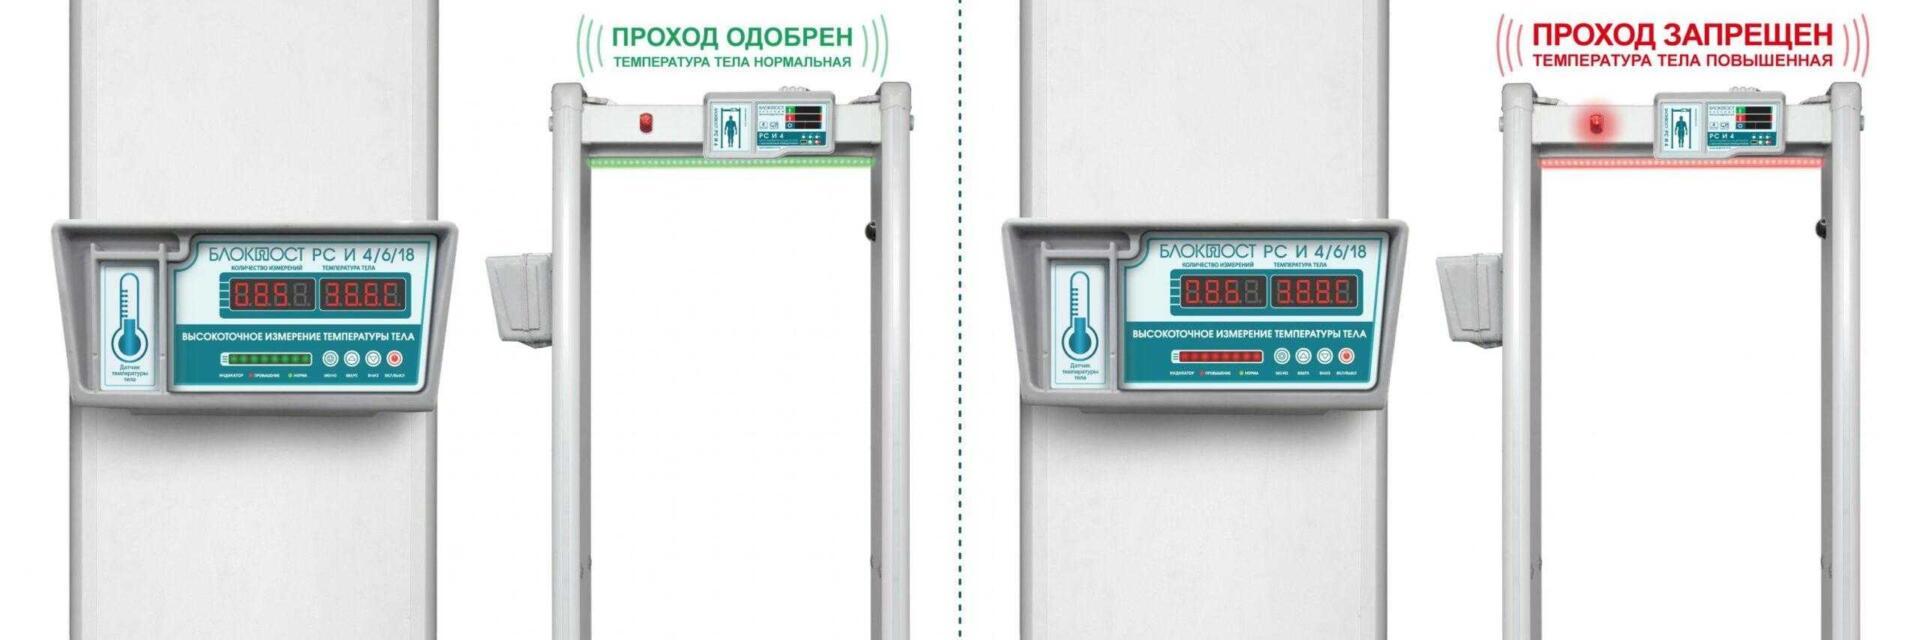 Sveto_zvukovaya_PCI-4.jpg